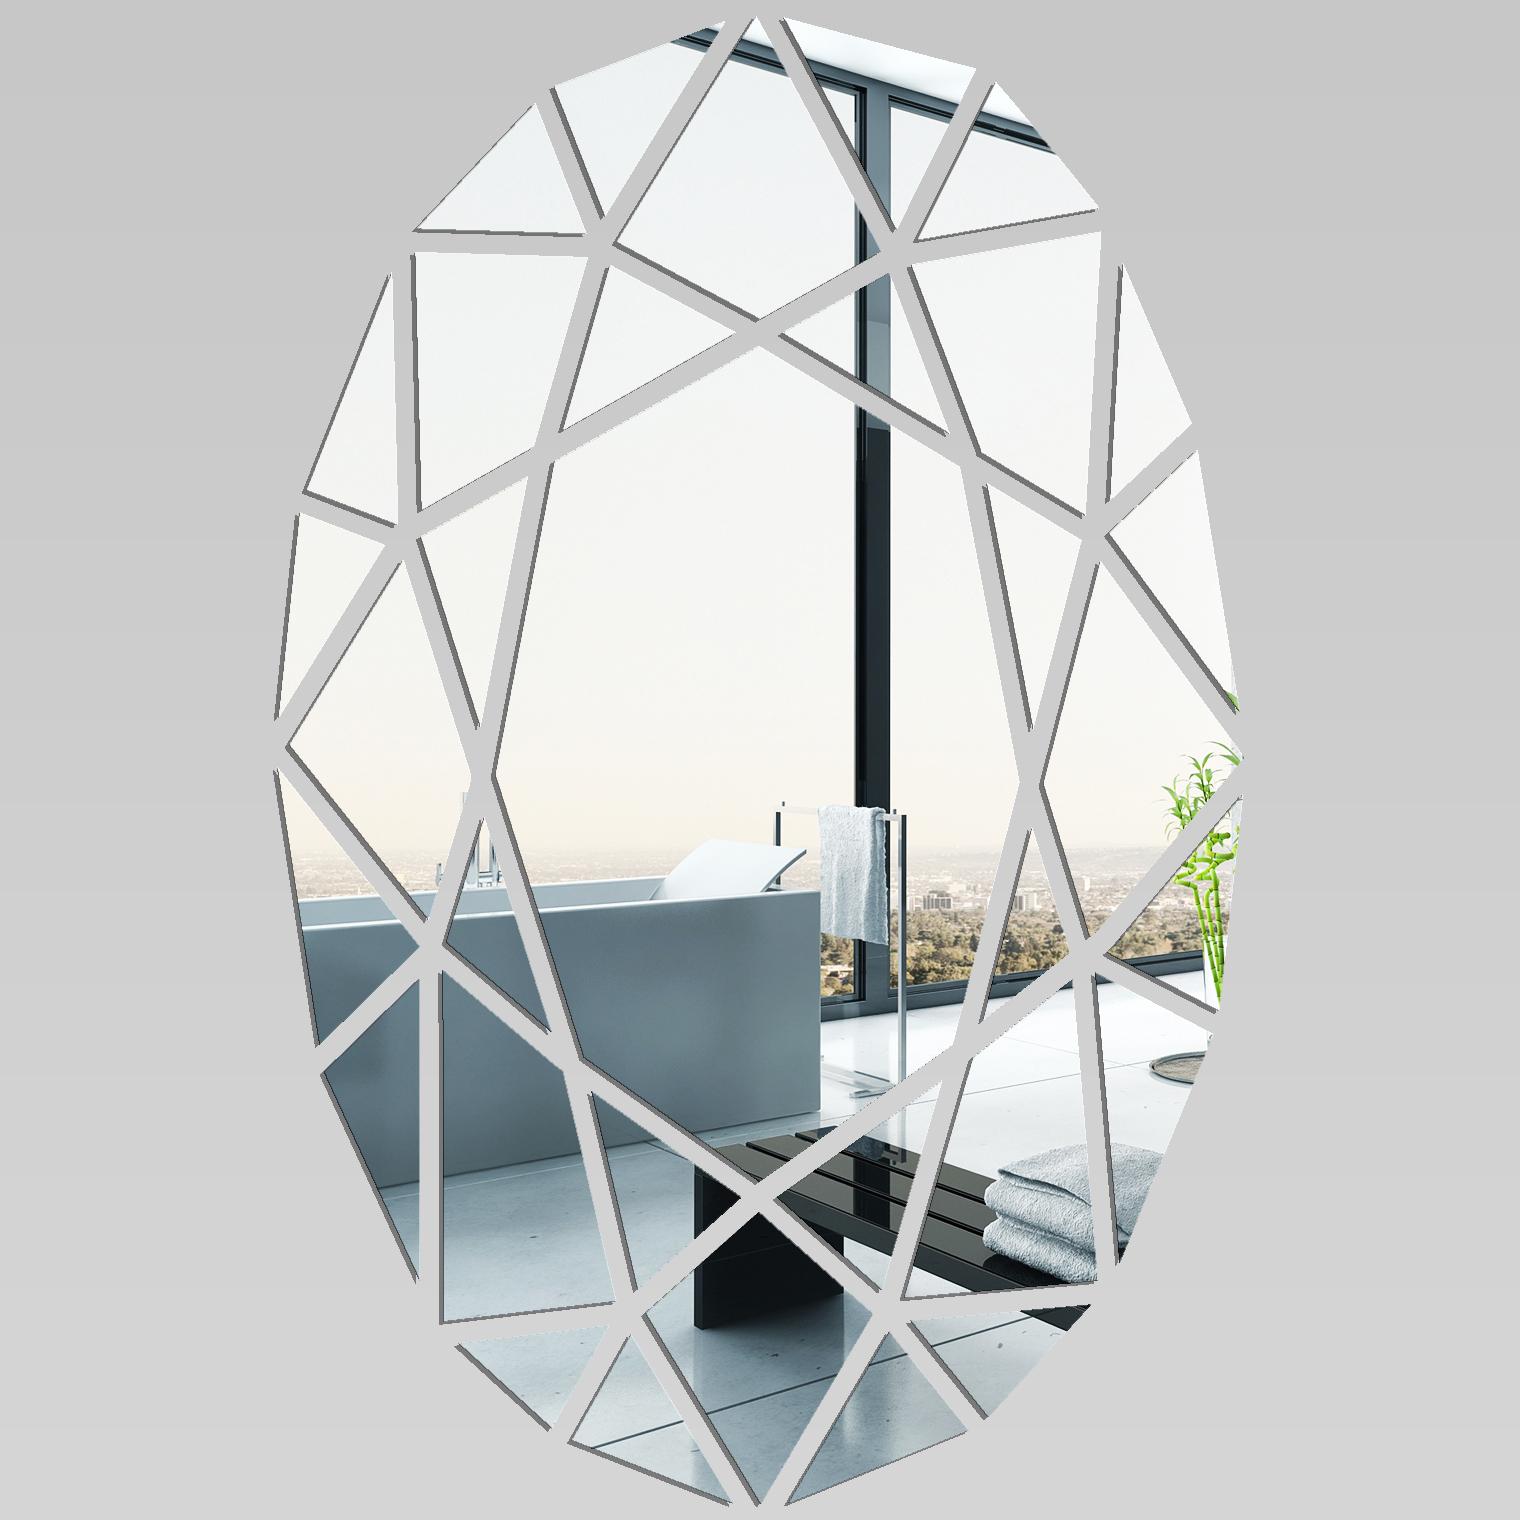 Adesivi follia specchio acrilico plexiglass mosaico - Plexiglass a specchio ...